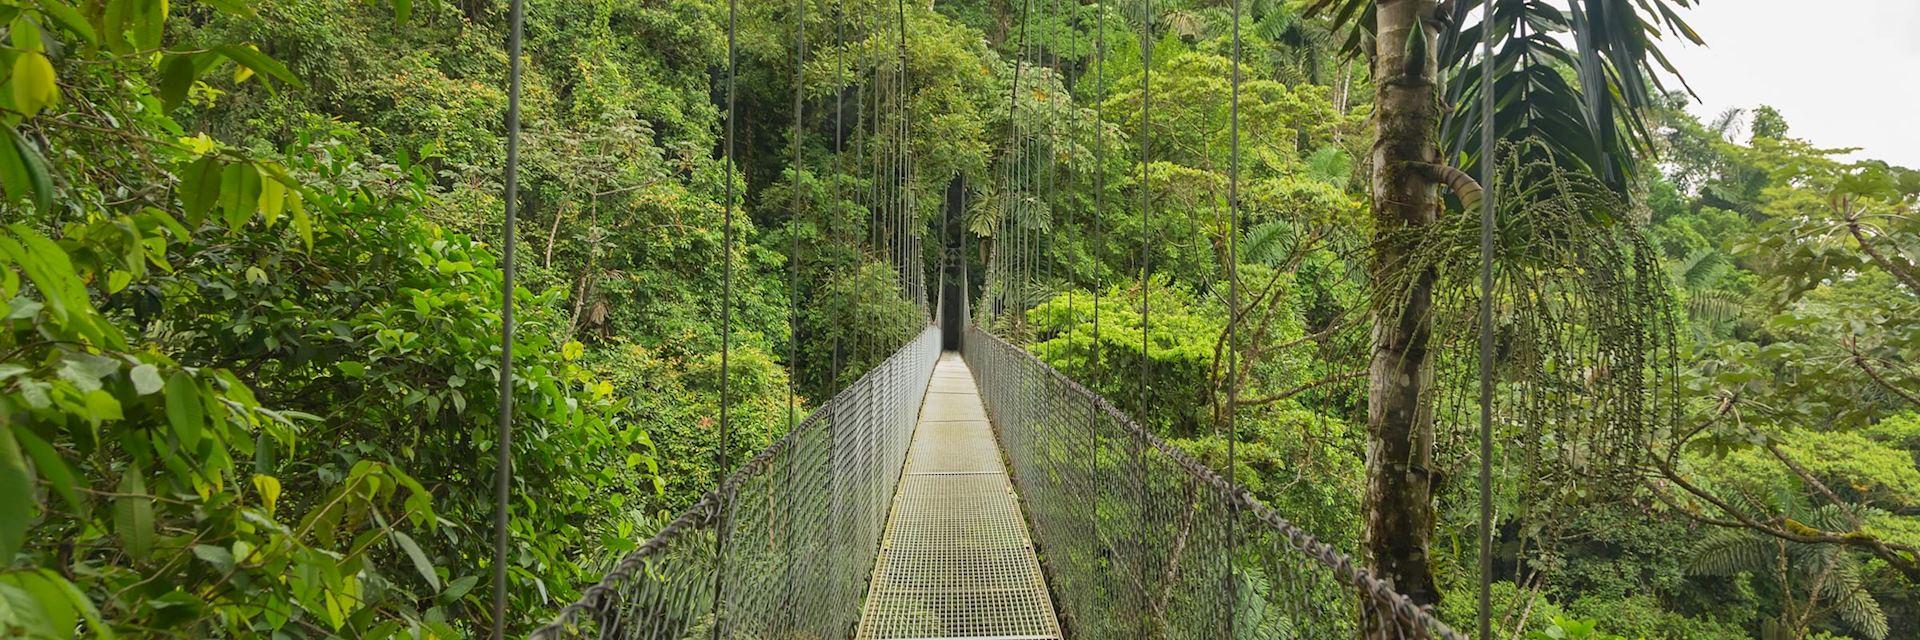 Cloud Forest bridge, Costa Rica